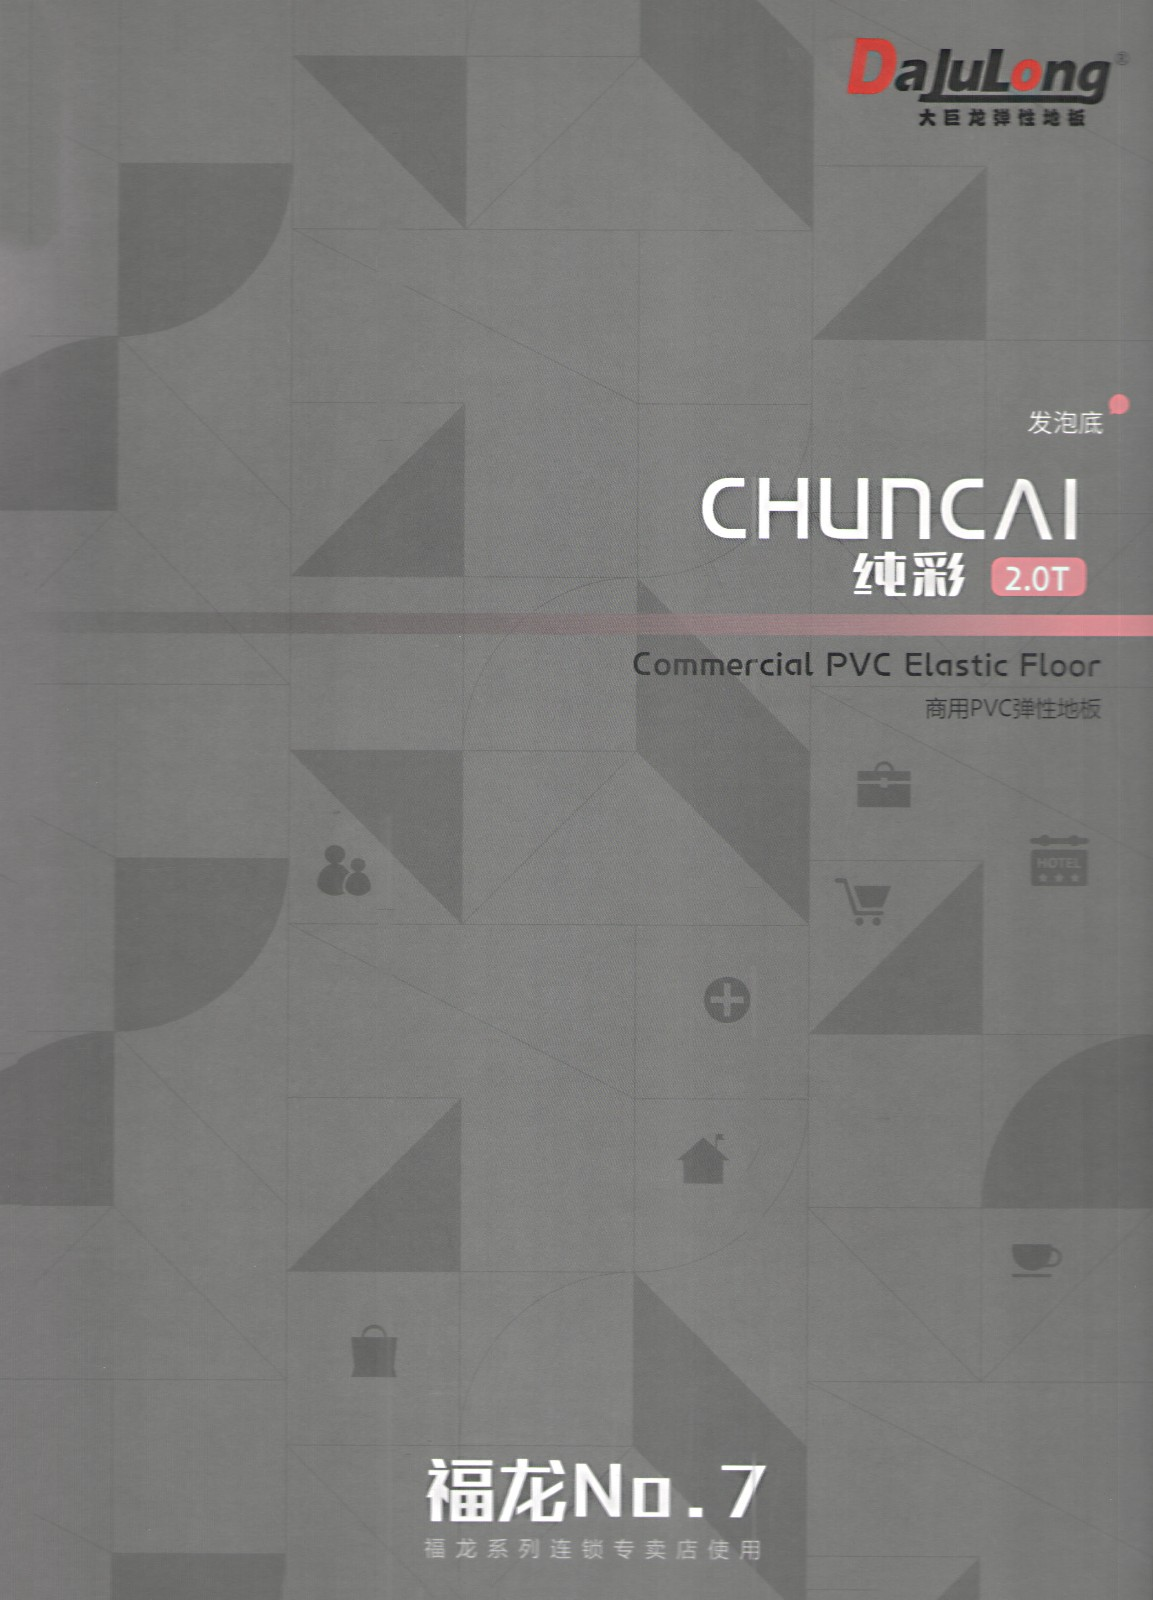 福龙NO.7纯彩PVC地板|福龙系列-陕西棋牌挣钱建材有限责任公司